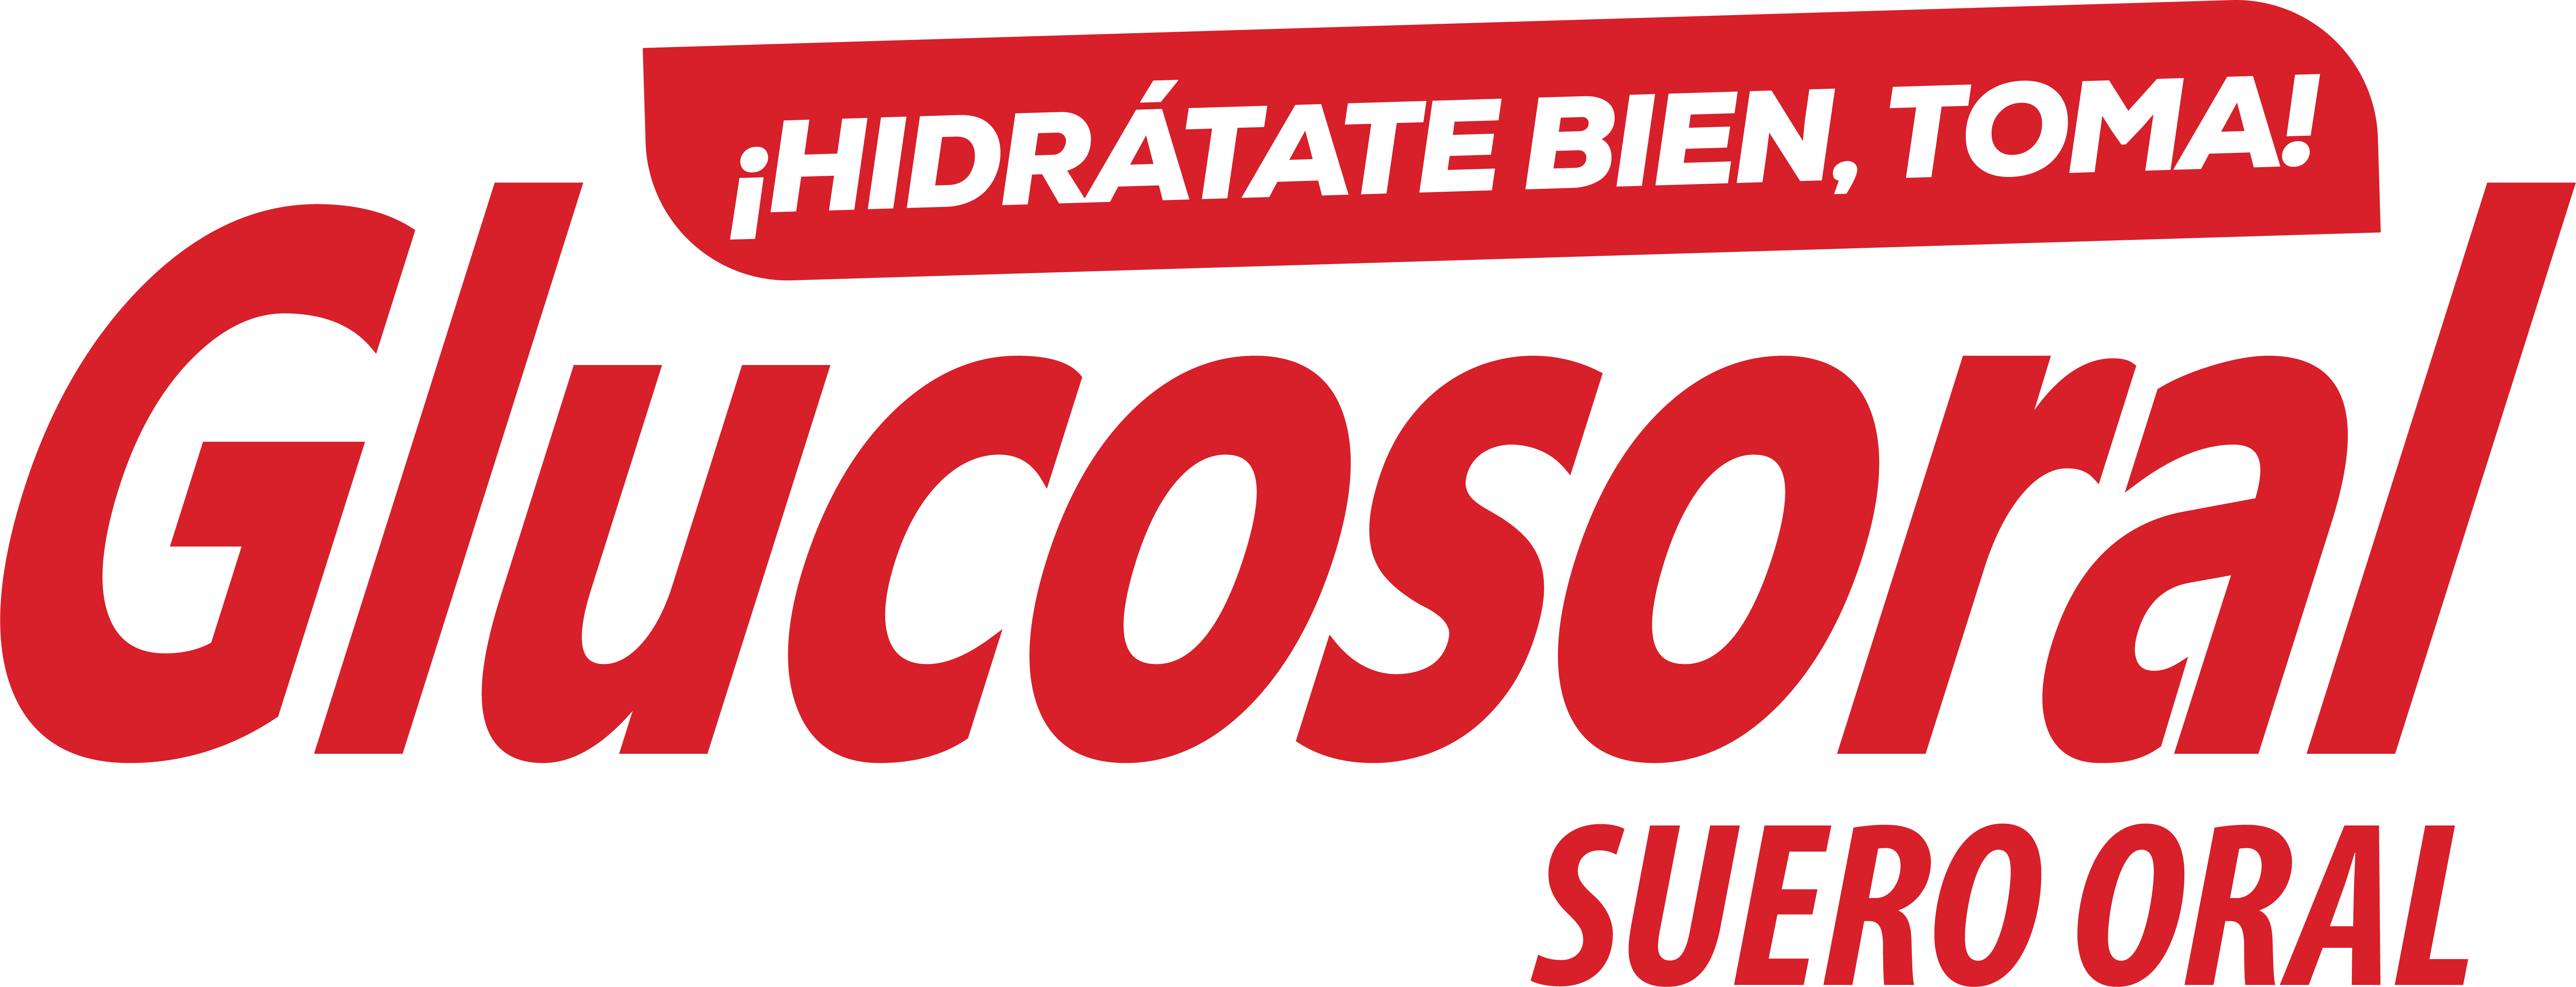 Glucosorol